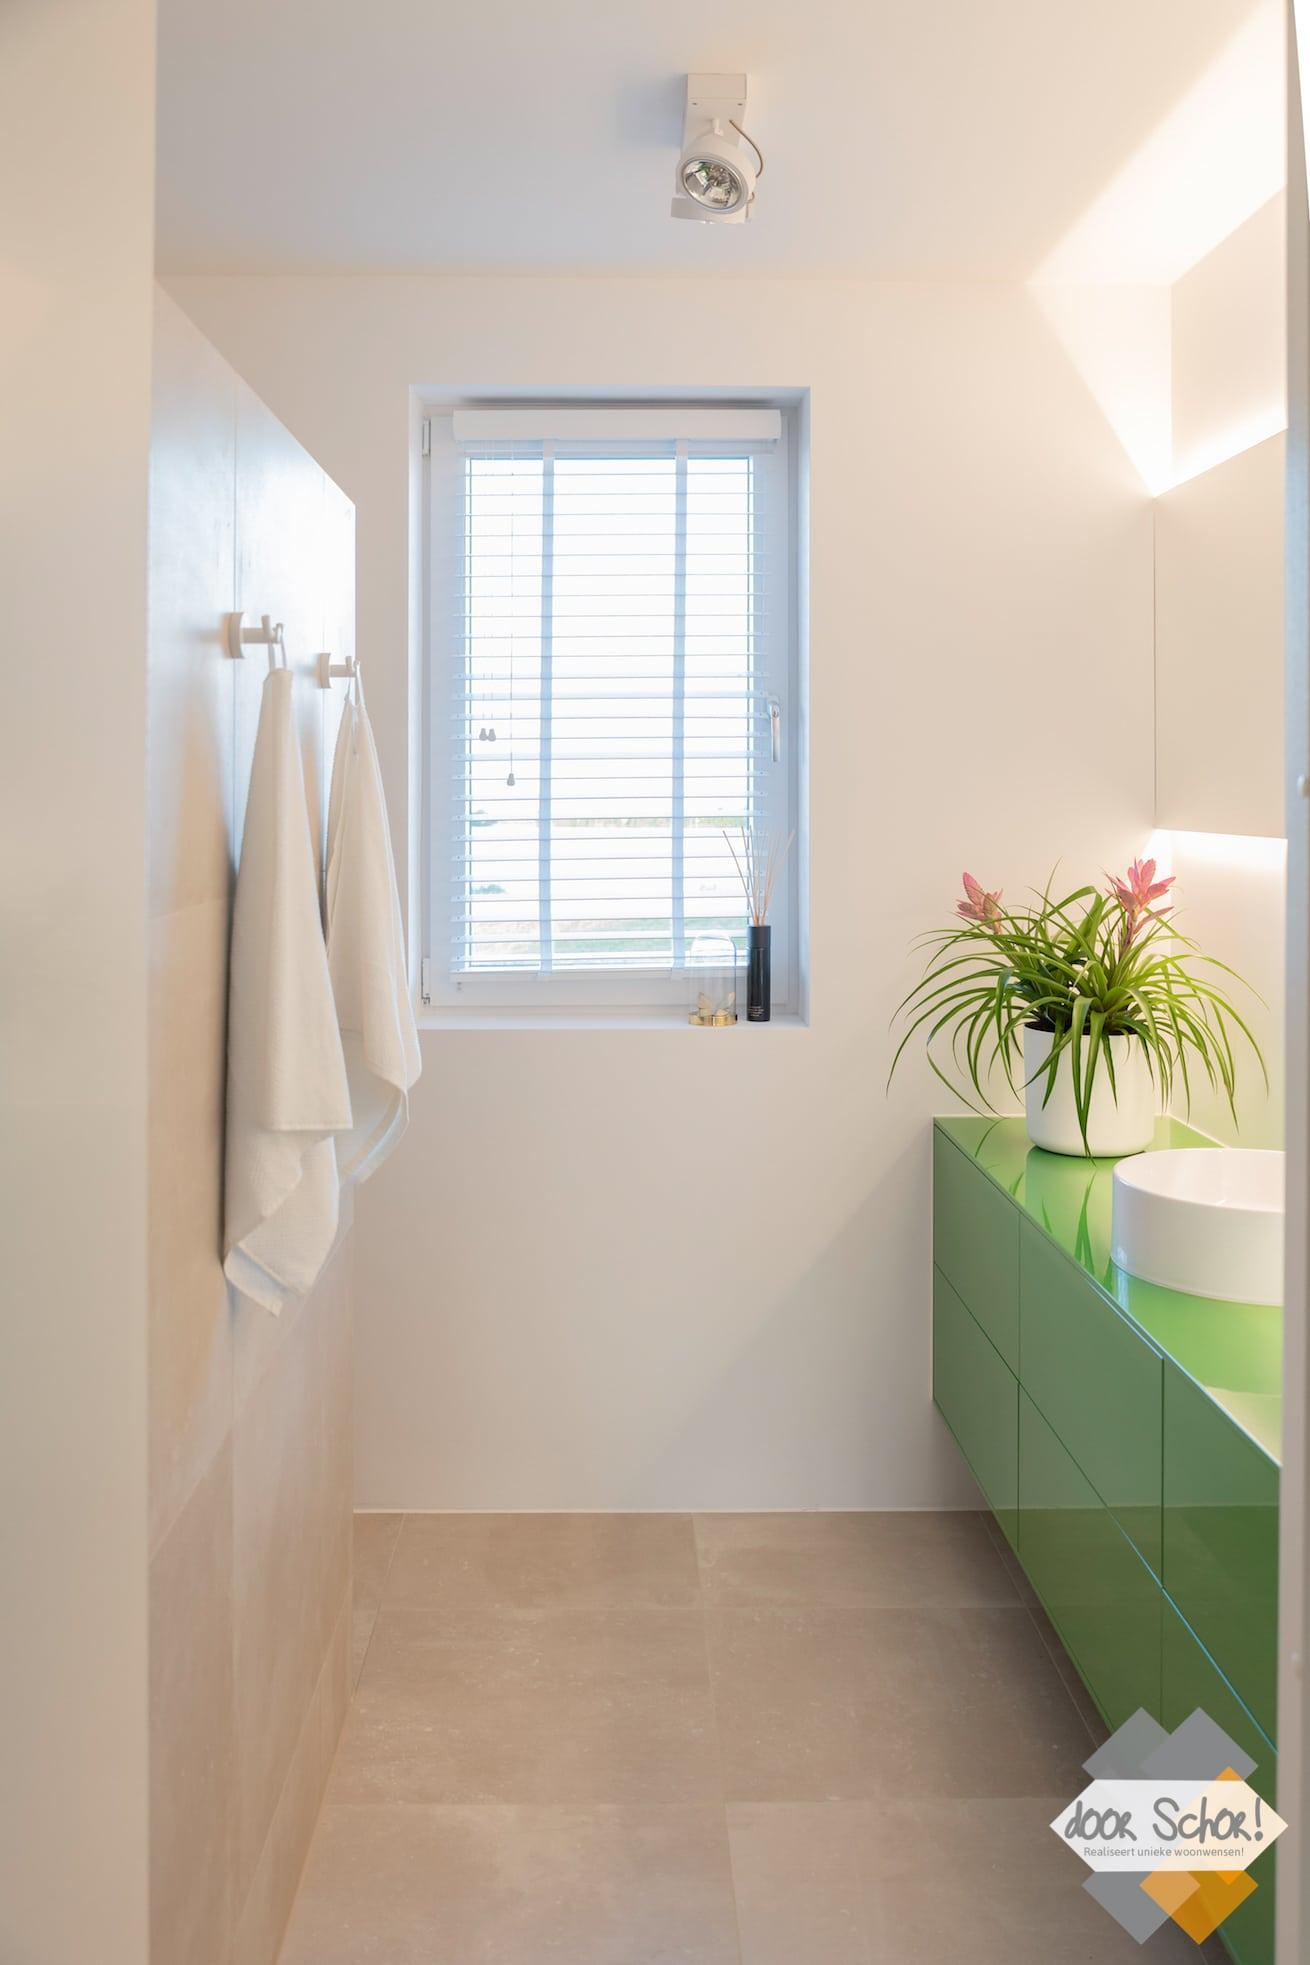 Badkamer in Zeewolde gemaakt door doorSchor